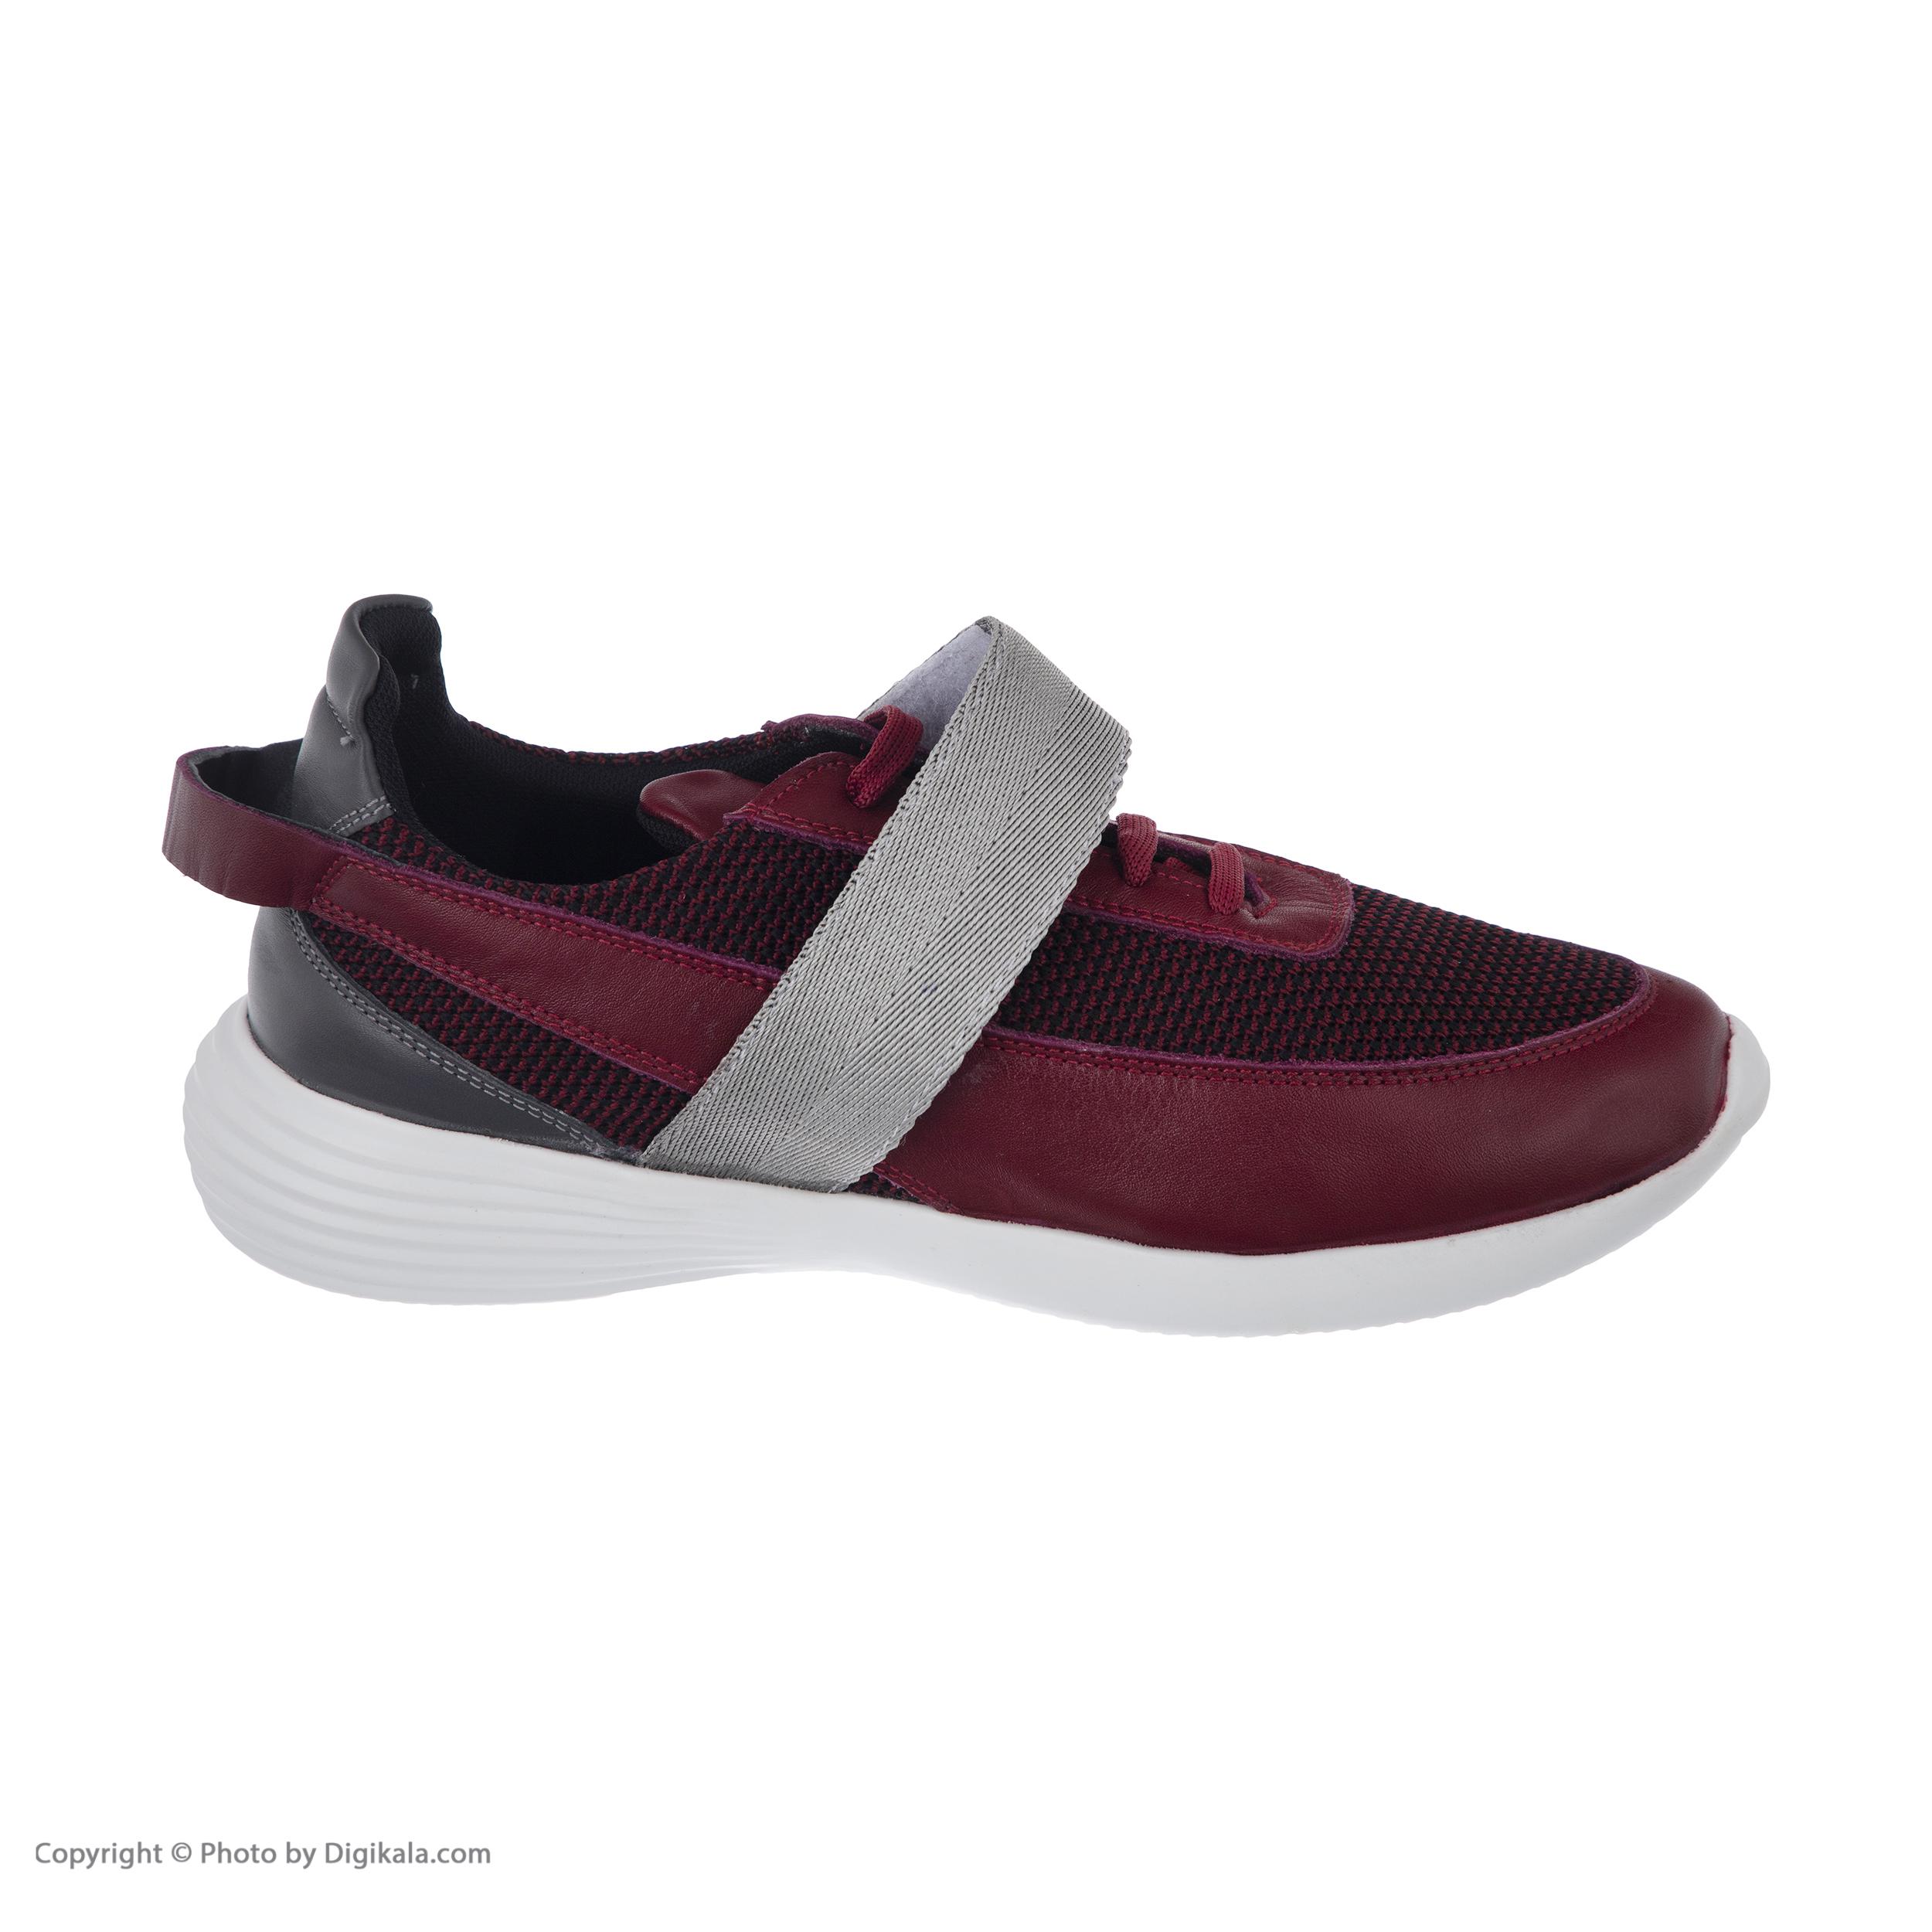 کفش روزمره زنانه آرتمن مدل Fando-41453 -  - 5